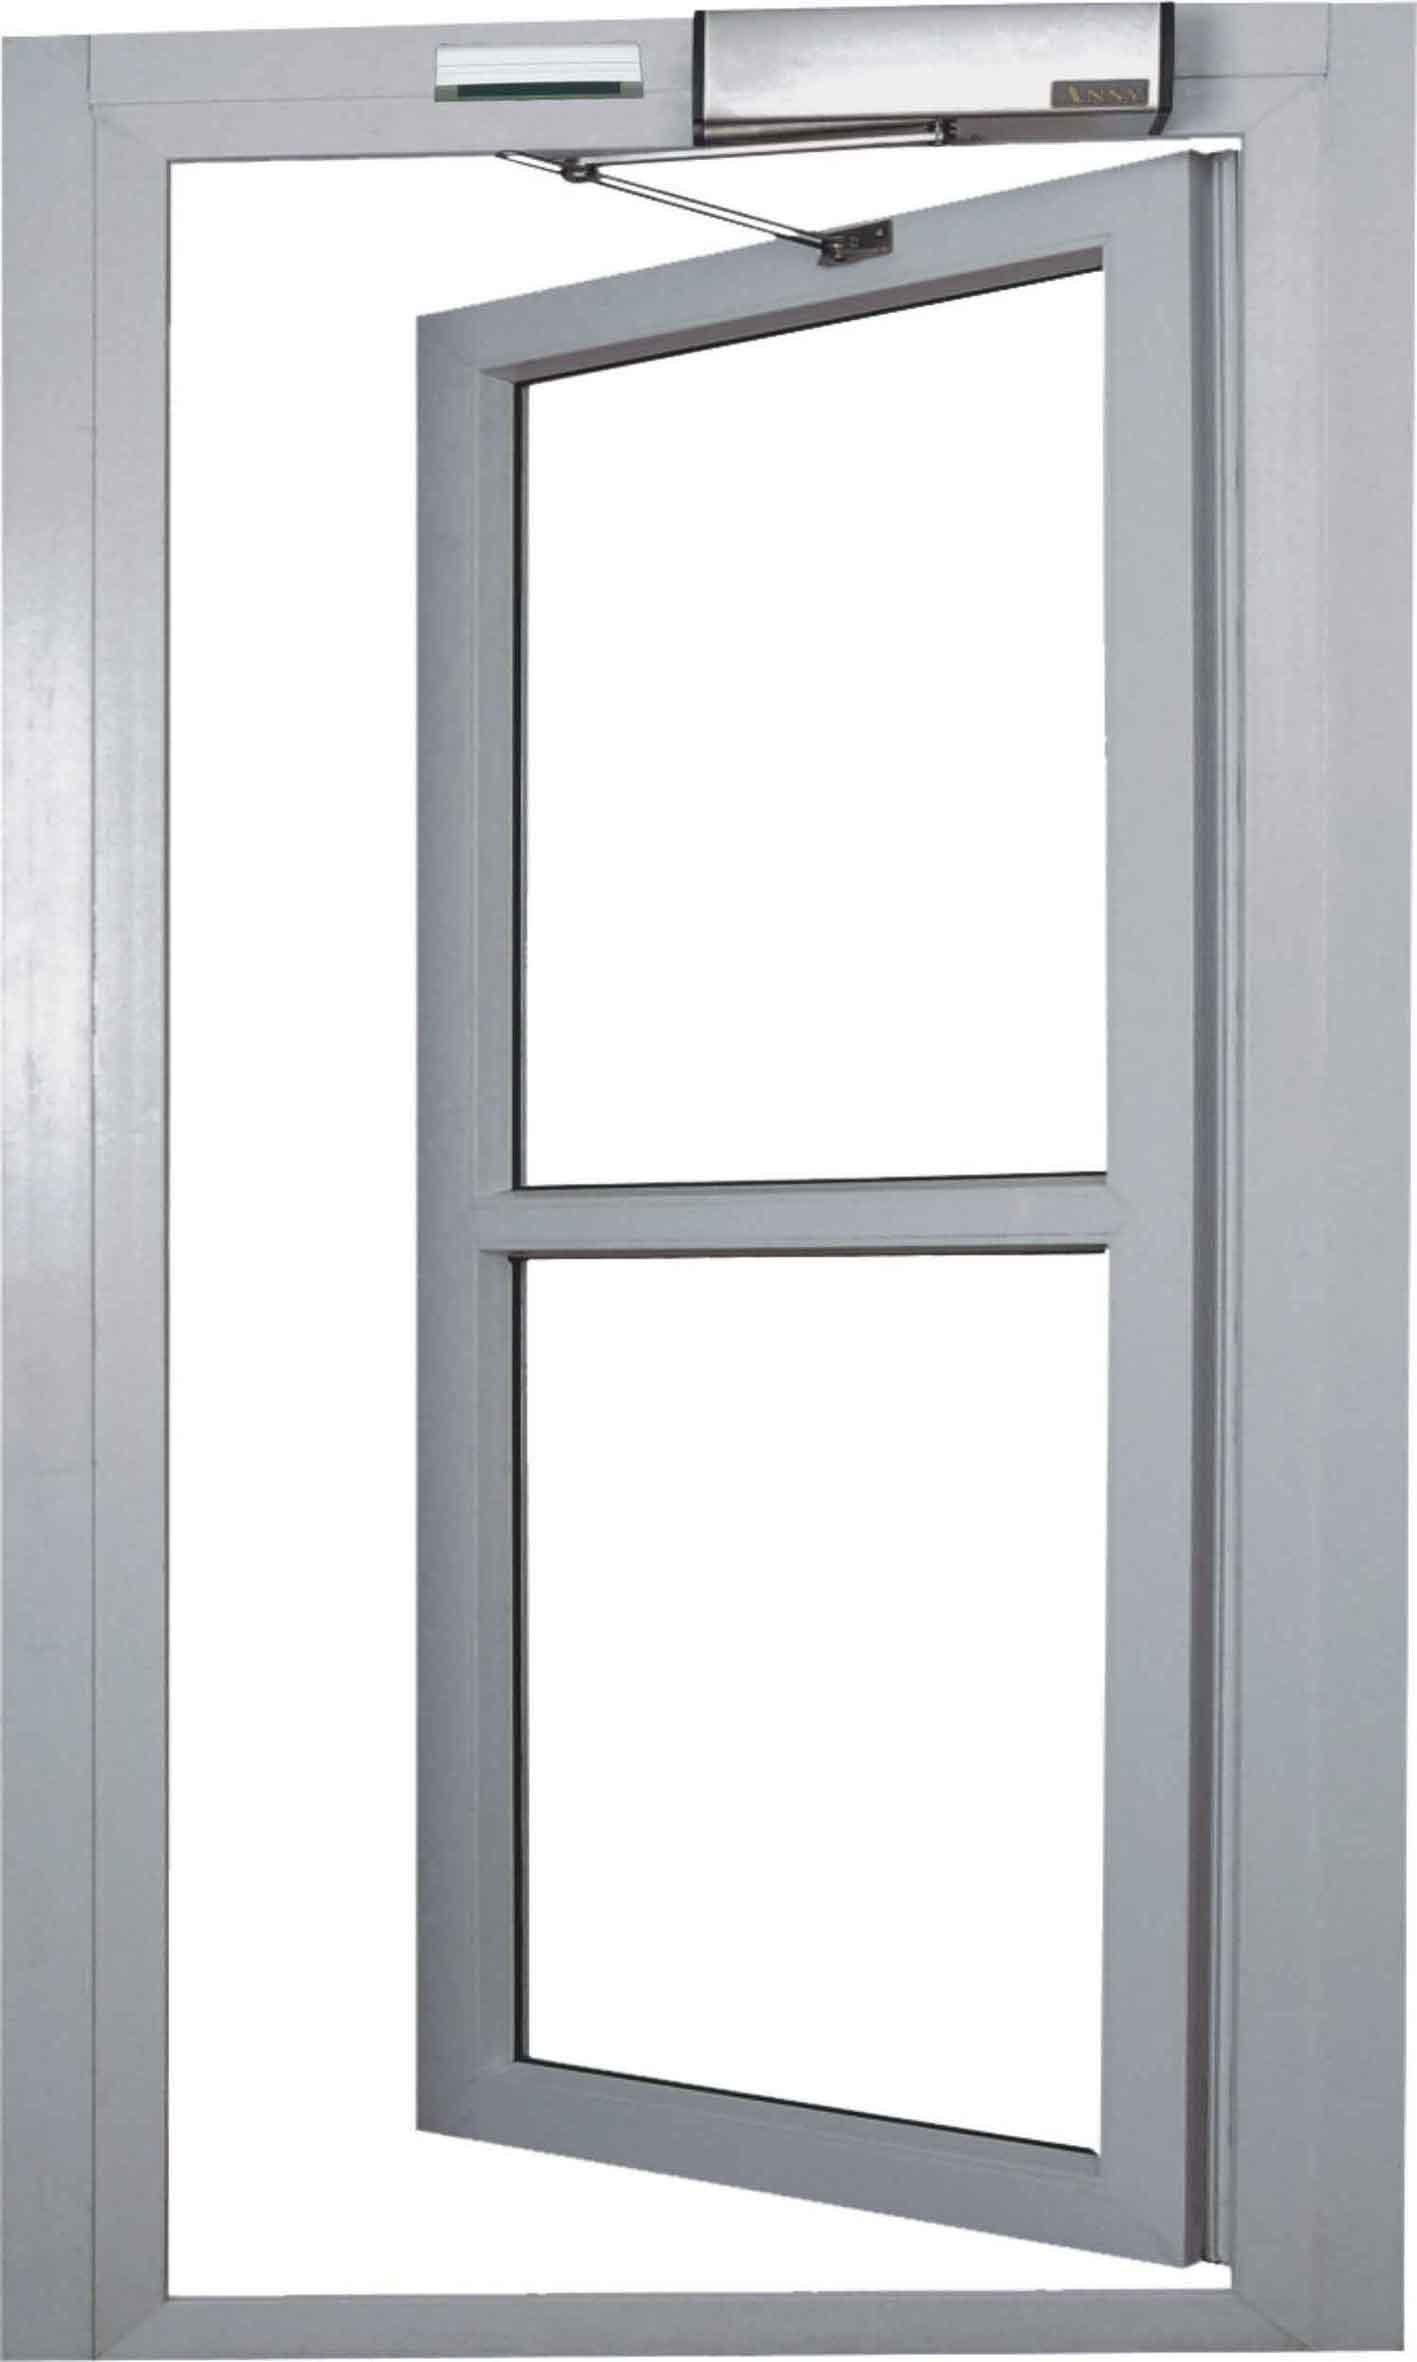 automatic door opening u2013 doors 5e656d auto door openers save image with 1417x2362